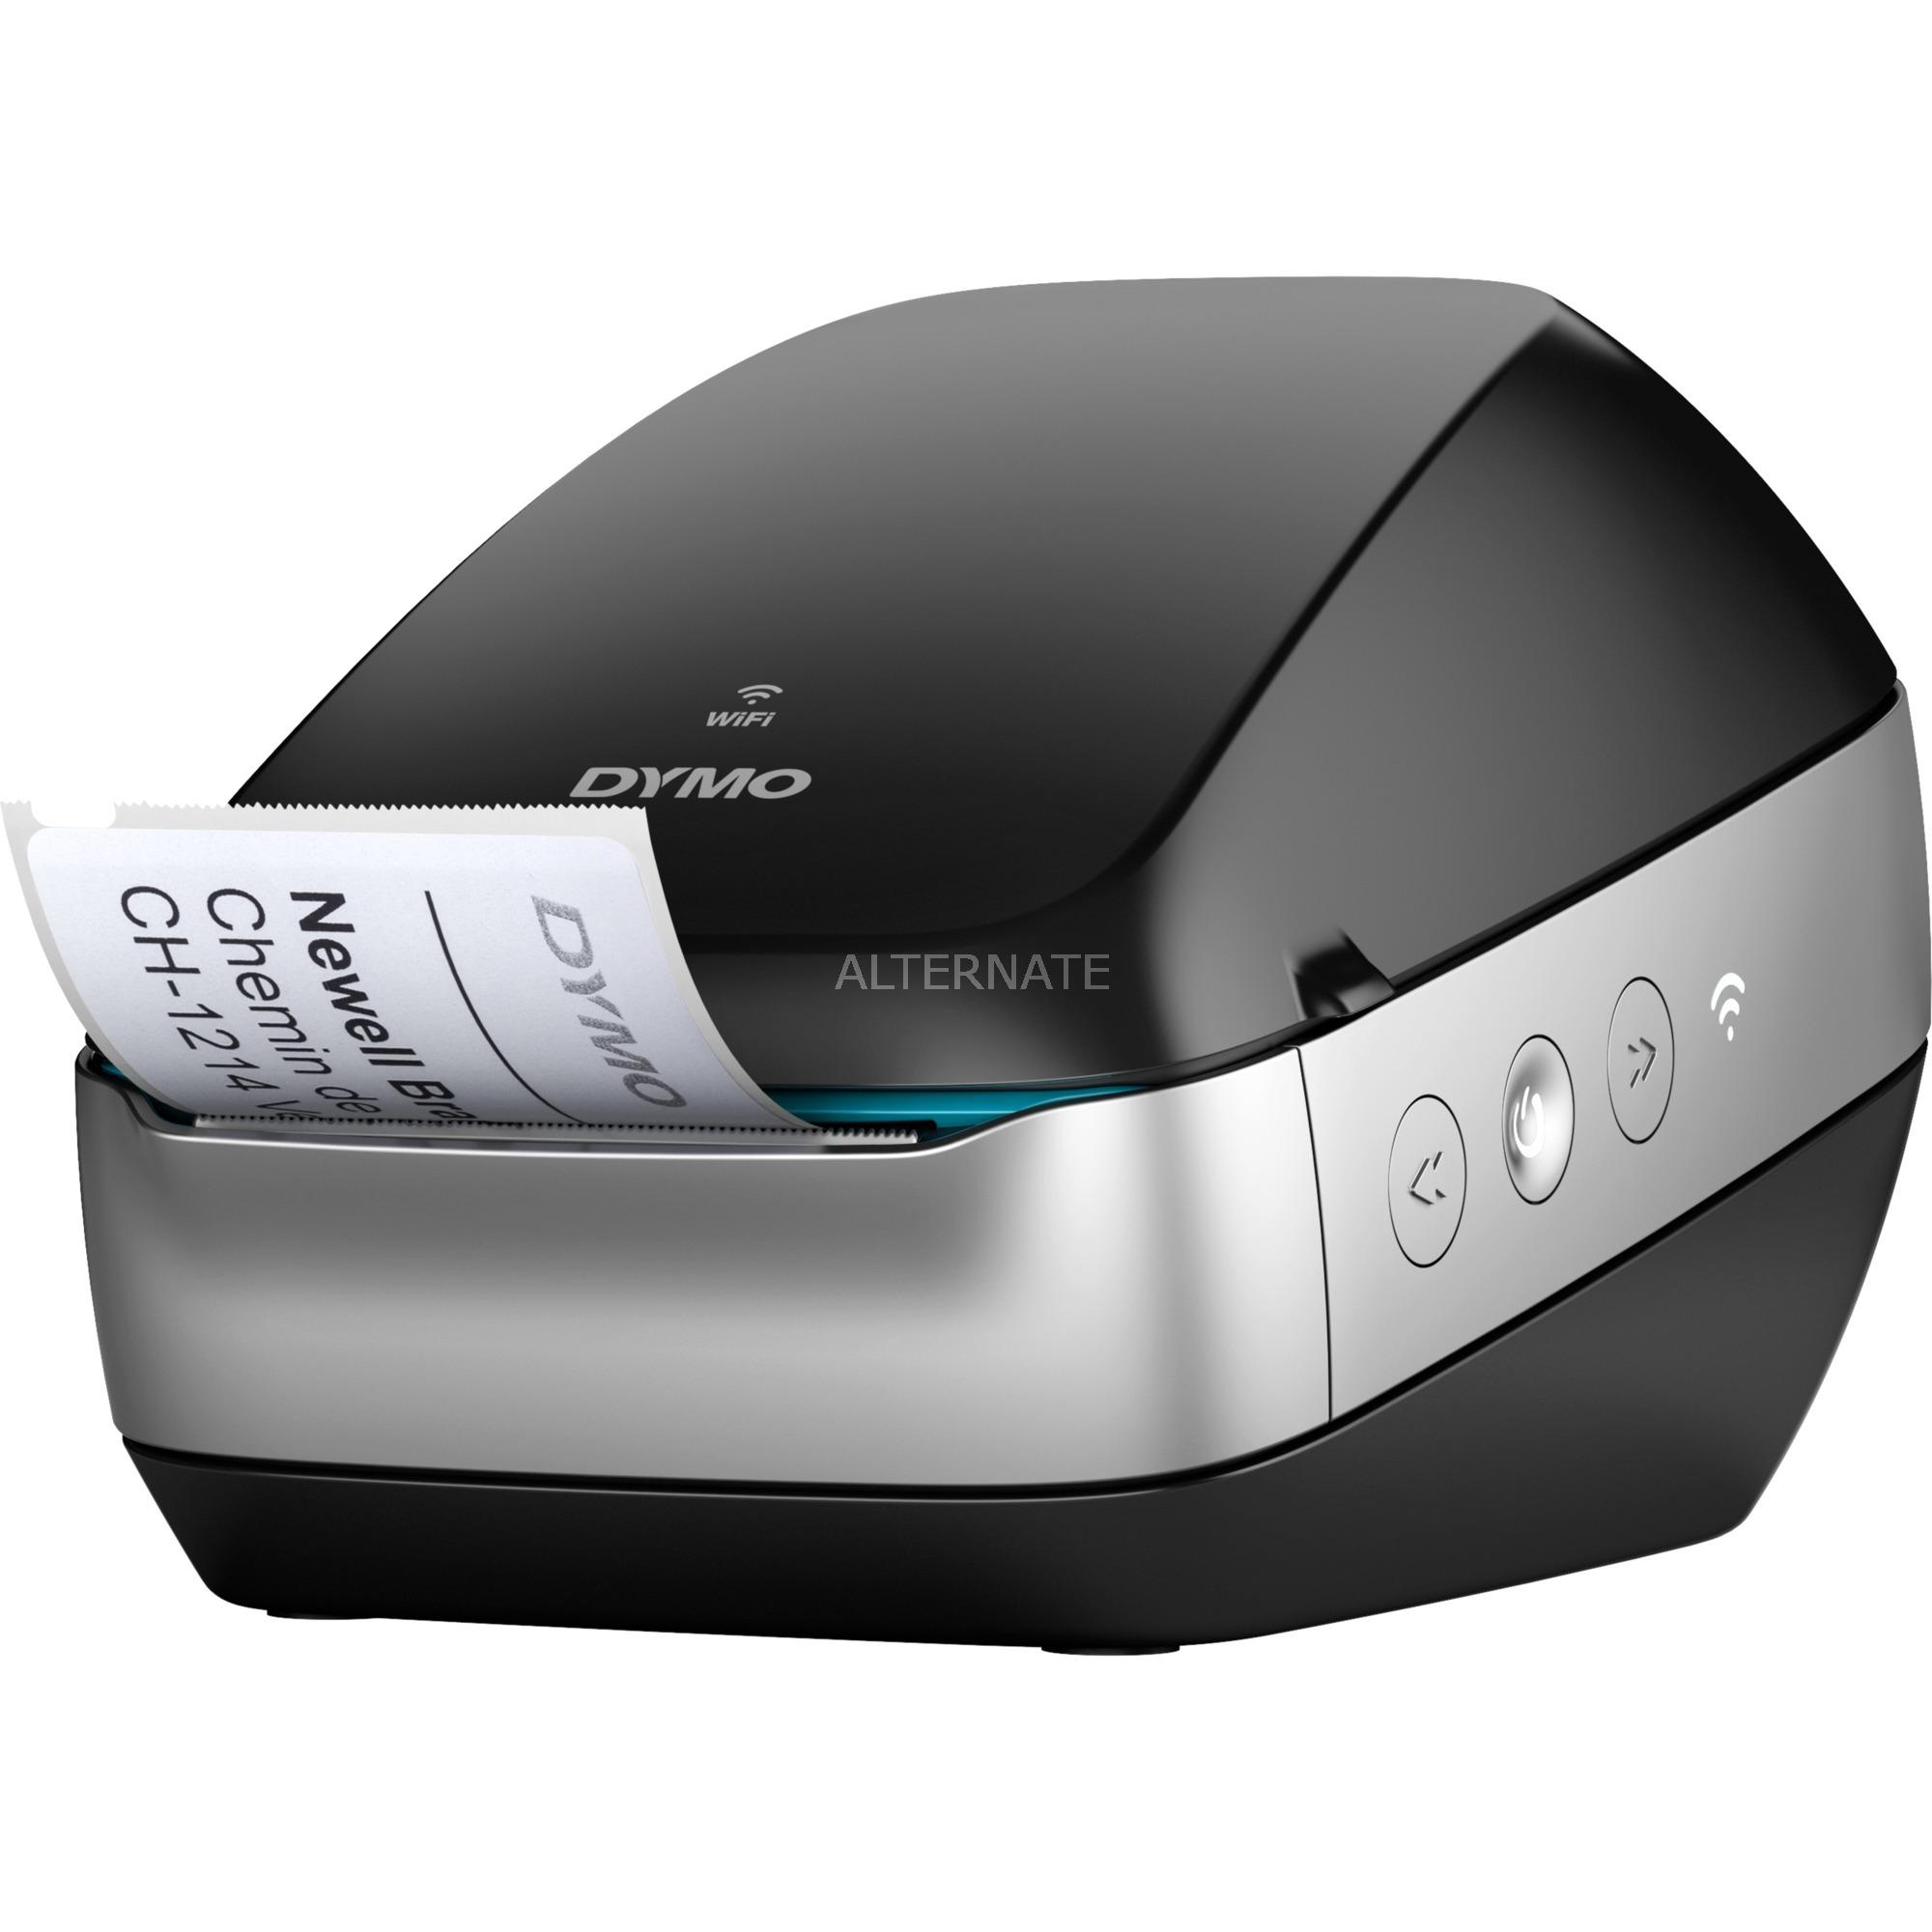 LabelWriter Wireless impresora de etiquetas Térmica directa 600 x 300 DPI Inalámbrico y alámbrico